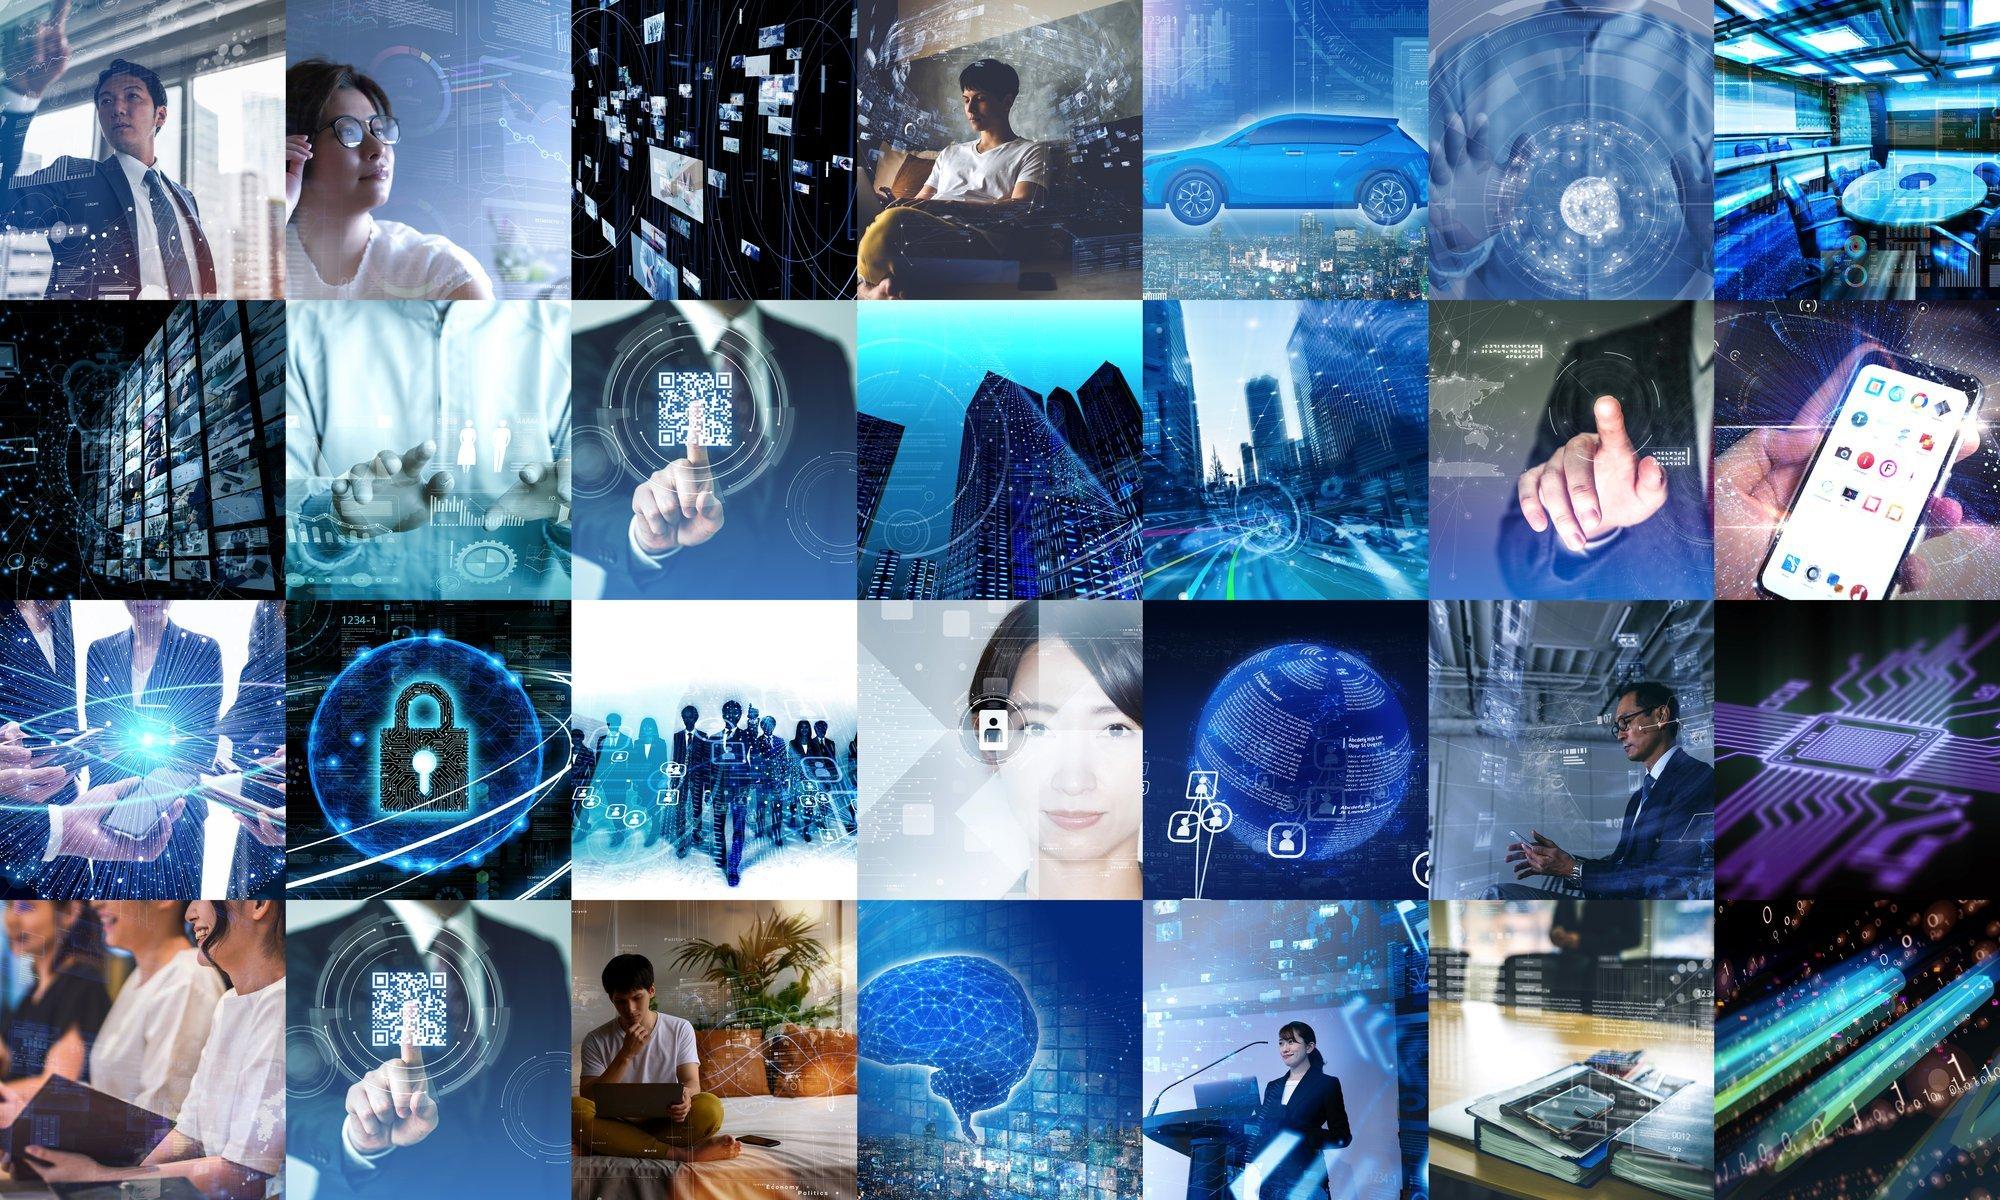 ネット社会や高度化するテクノロジーの負の側面とは?「テクノロジー・ユートピア」は幻想なのか【橘玲の日々刻々】(ダイヤモンド・ザイ) - Yahoo!ニュース